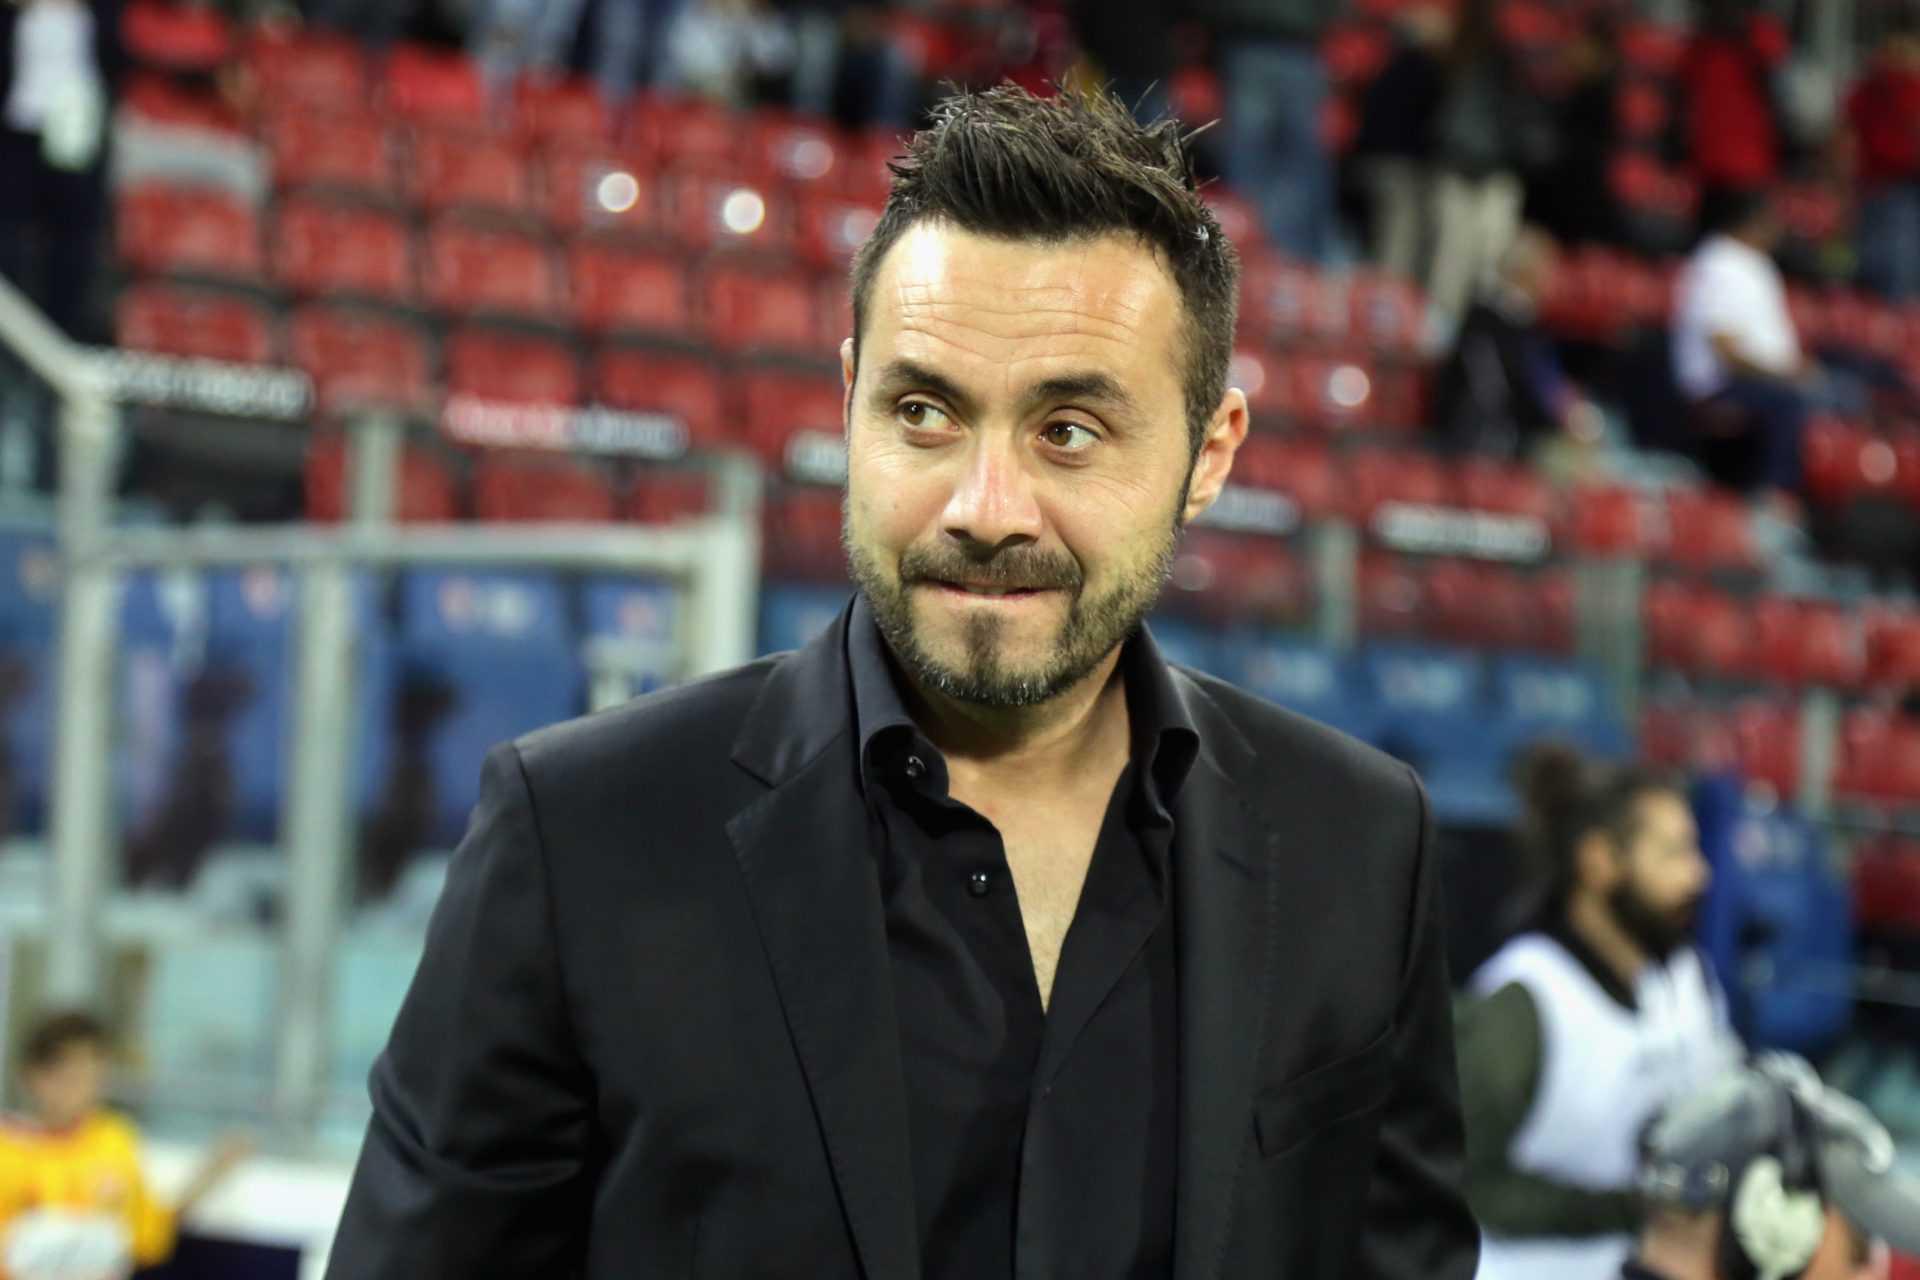 Le pagelle di Inter-Sassuolo (2-1): decima consecutiva per i nerazzurri